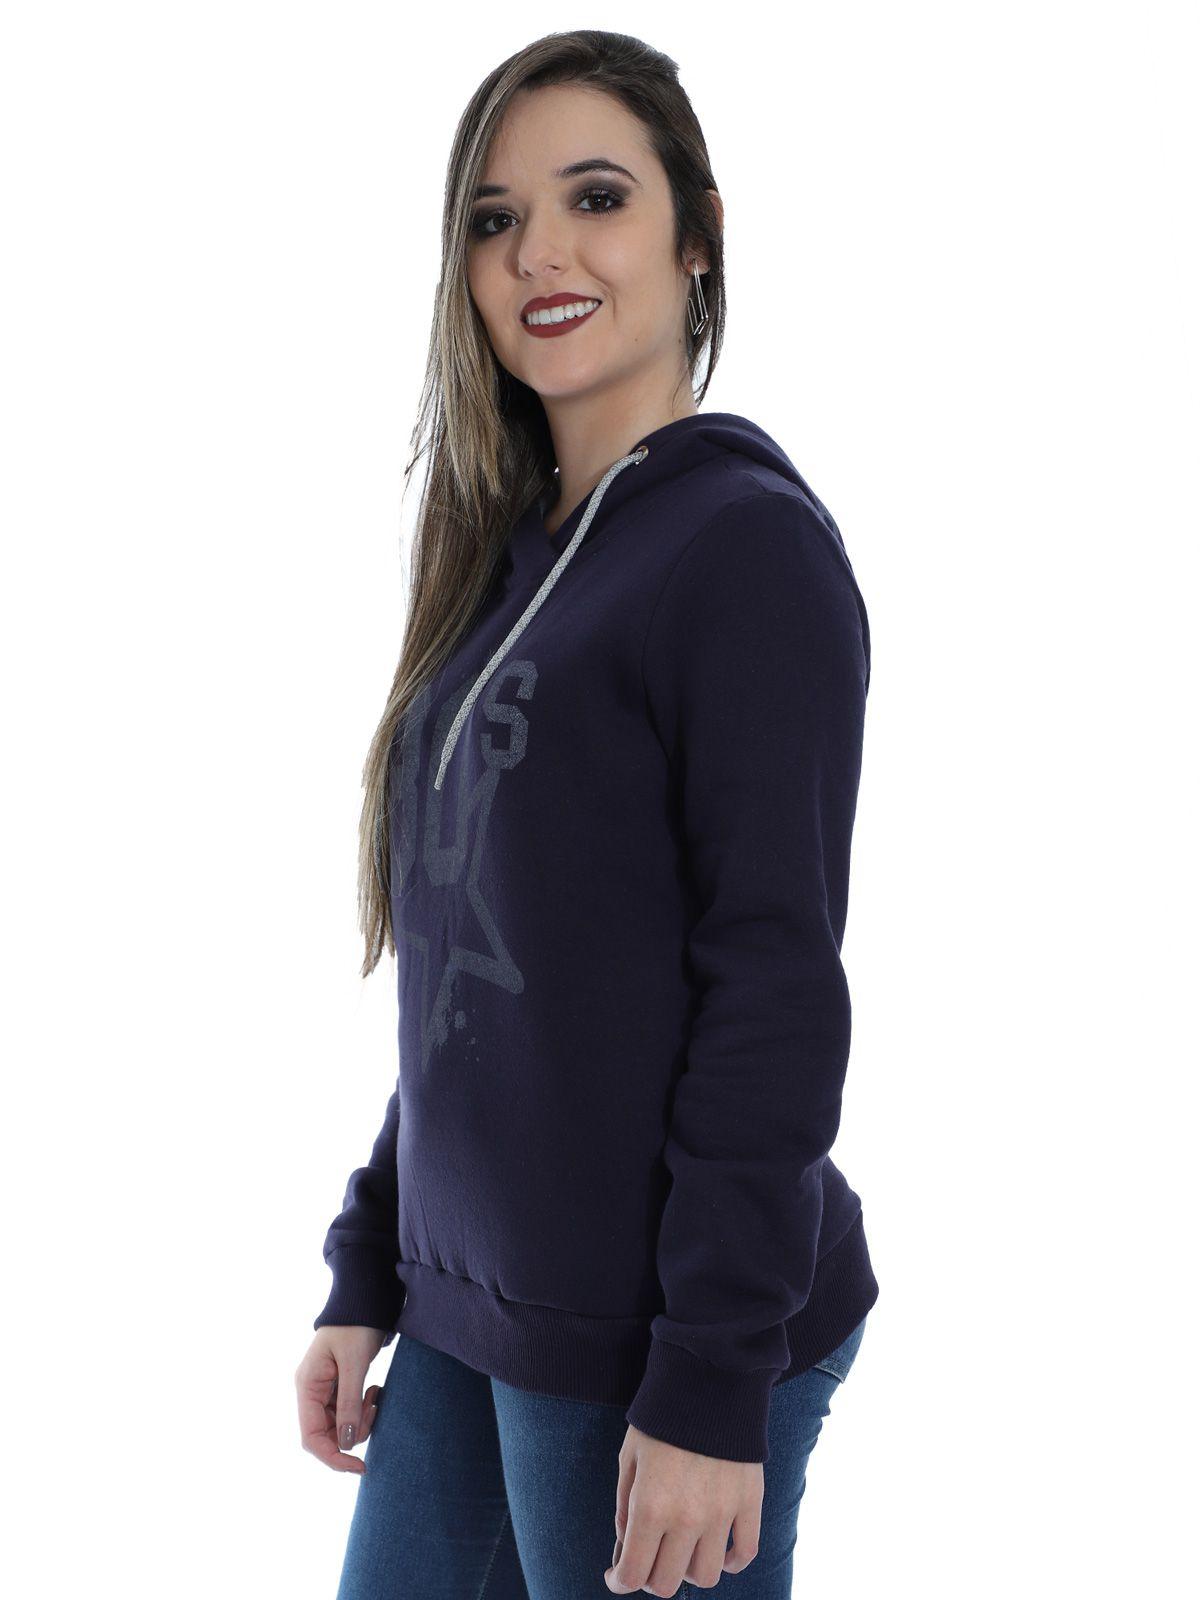 Blusa Moletom Feminino Estampada com Capuz Anistia Azul Marinho